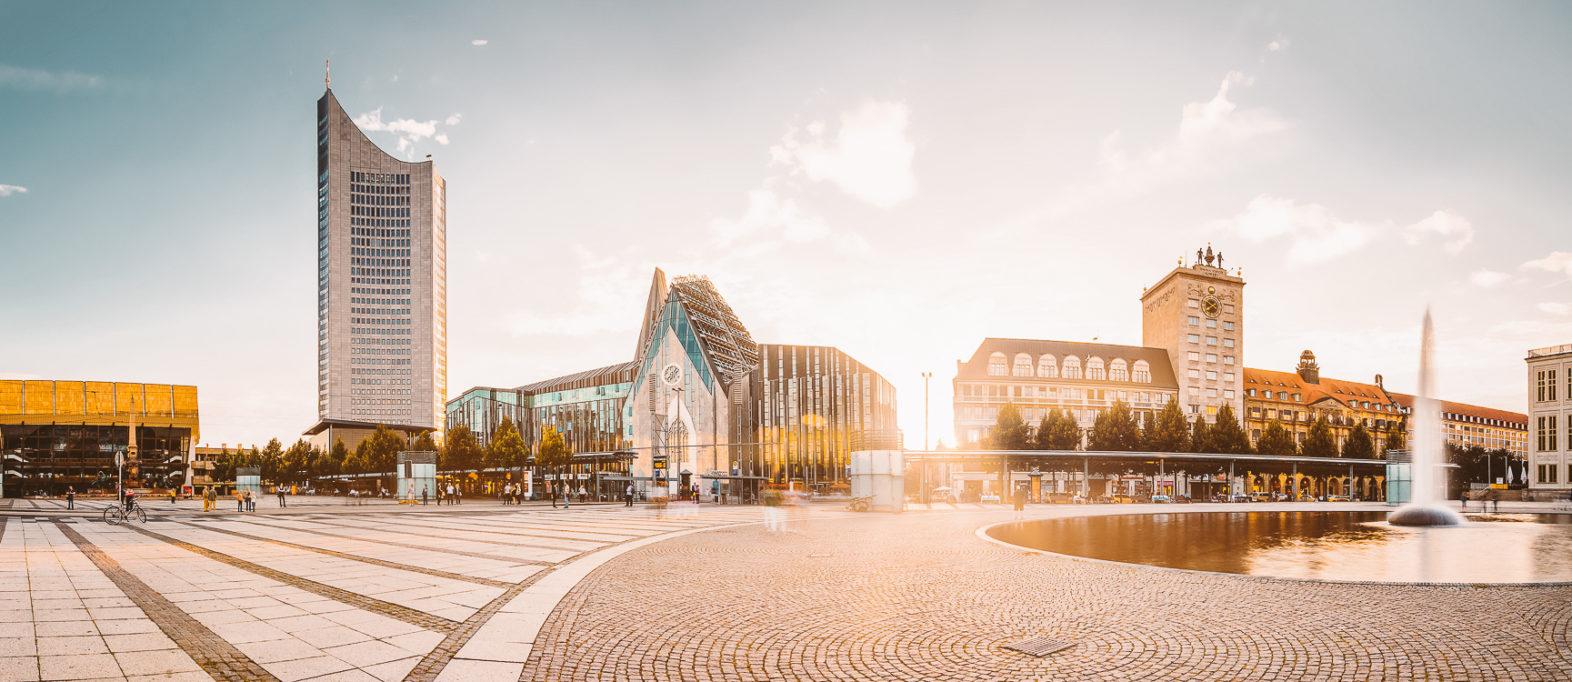 Leipzig Sehenswürdigkeiten: 11 Highlights für einen Kurztrip